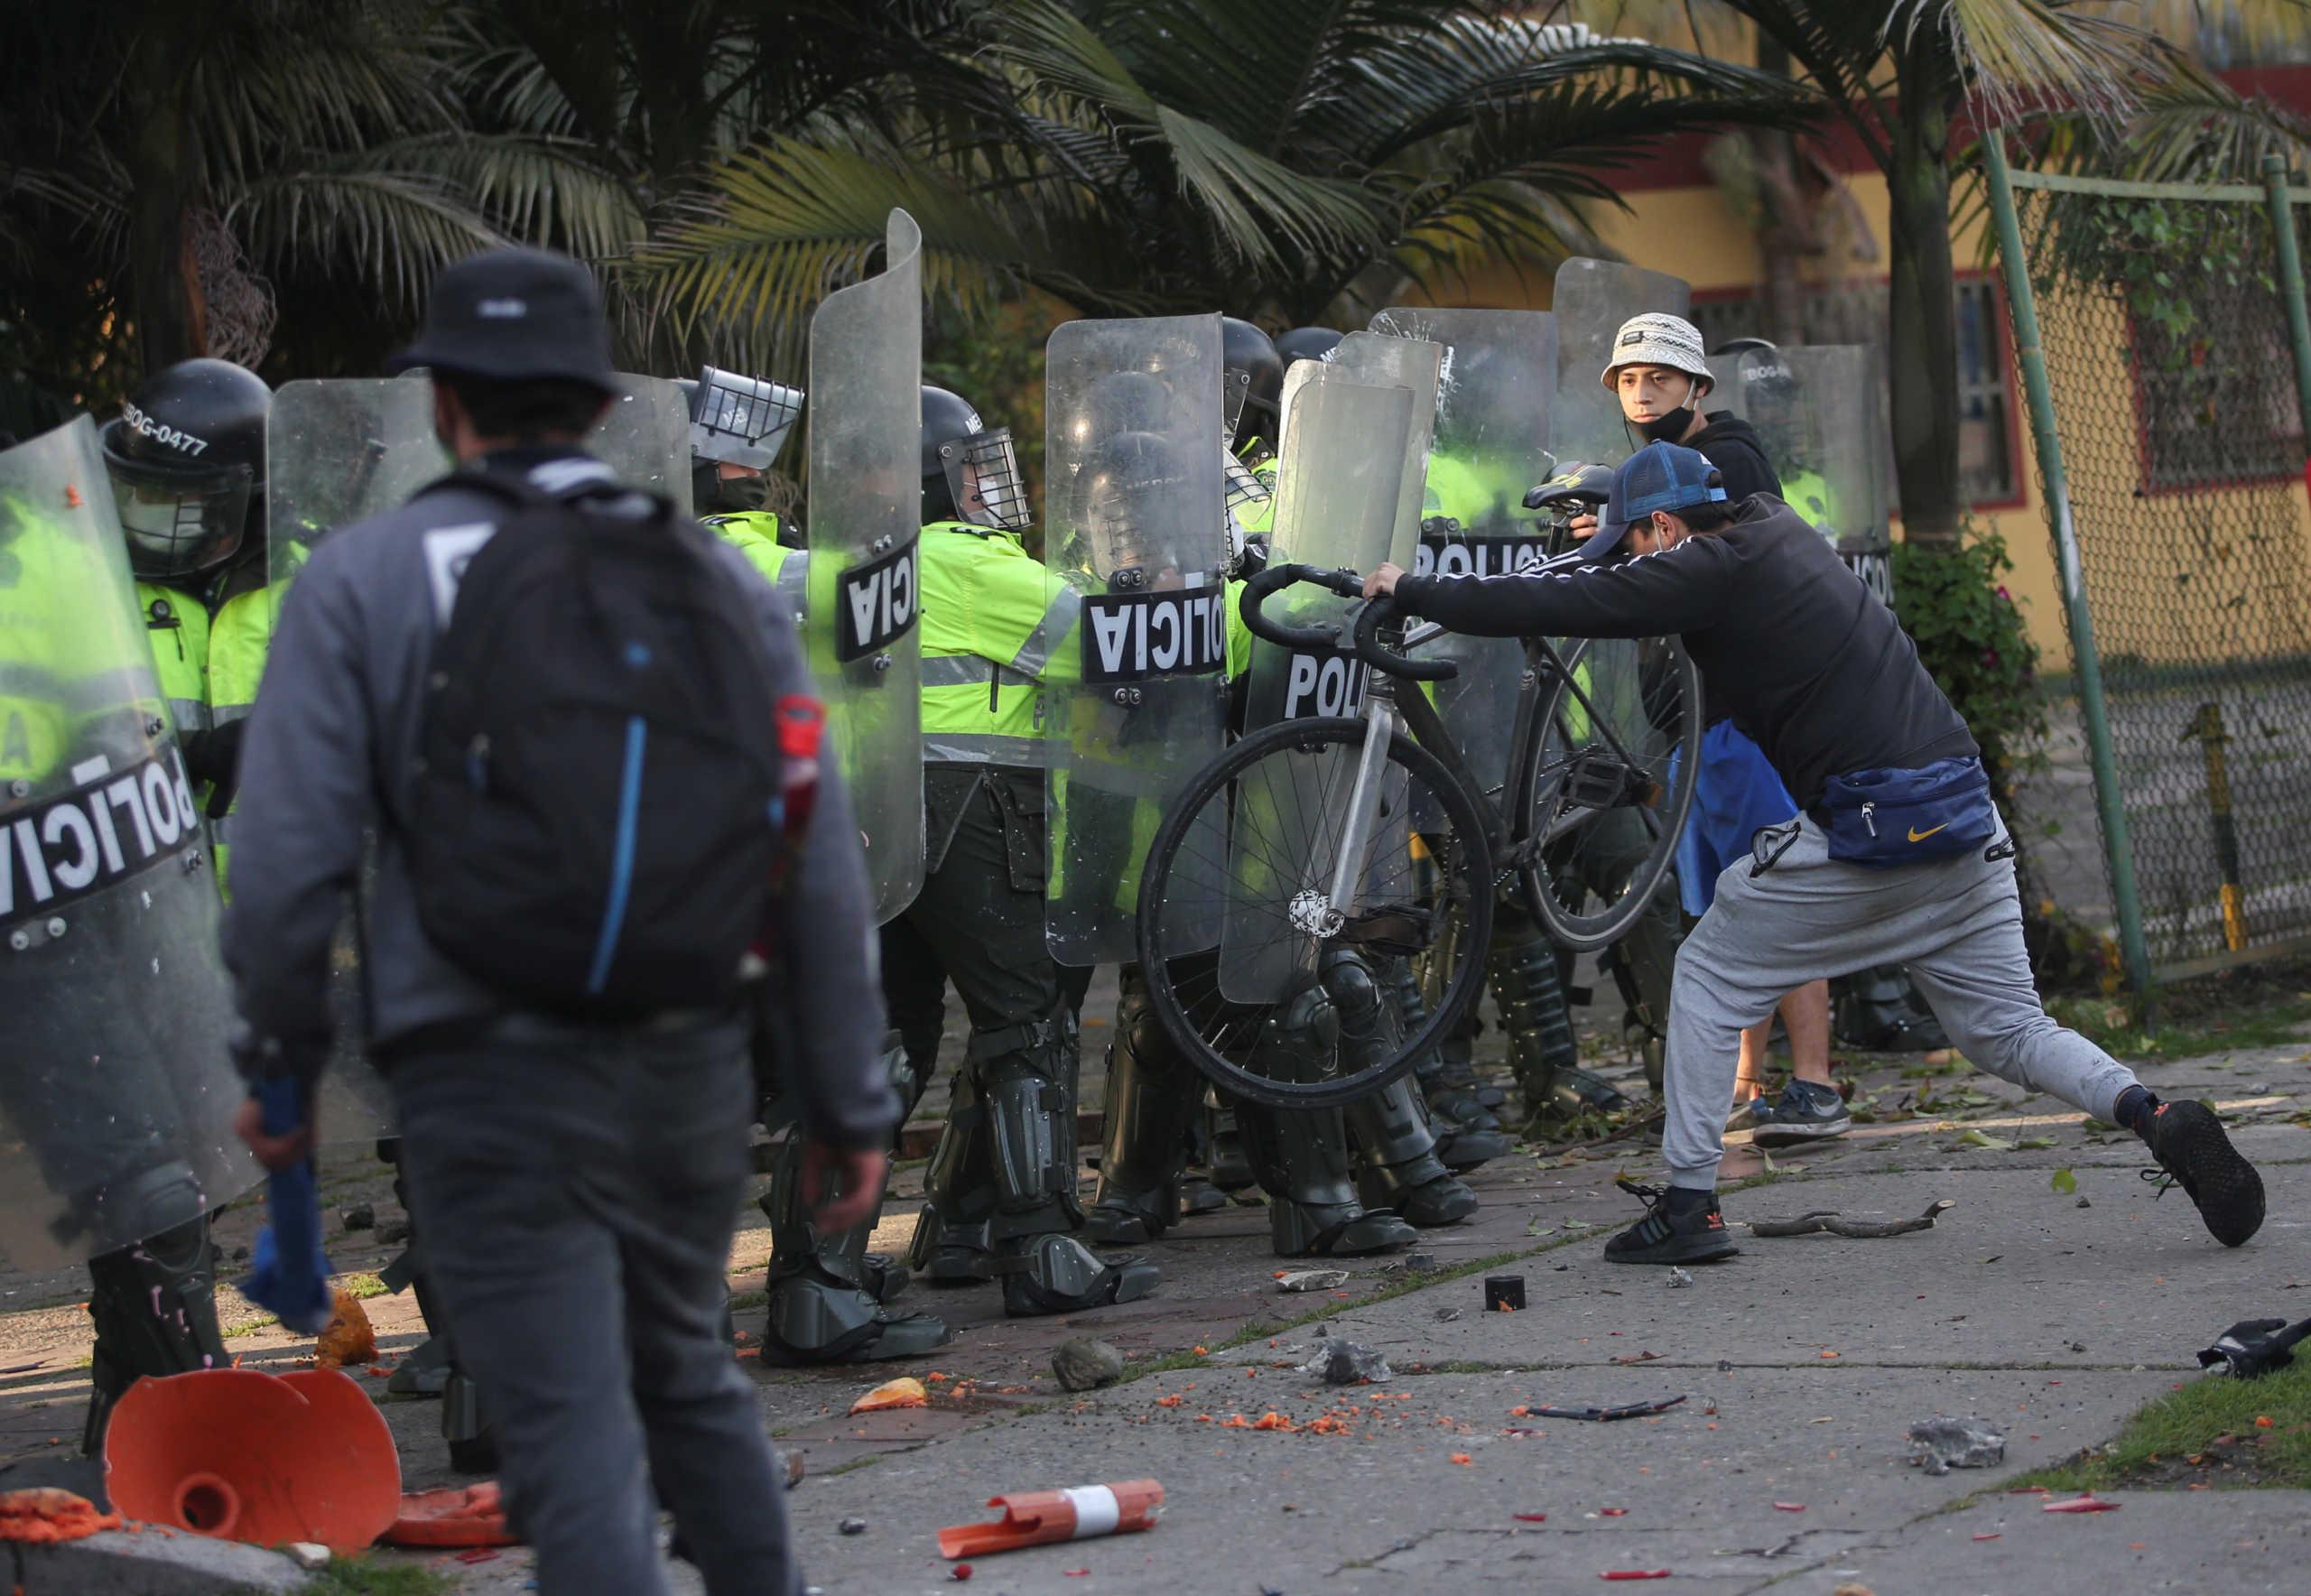 Βίντεο σοκ: Περίπτωση Φλόιντ στην Κολομβία – Πέντε νεκροί στις ταραχές μετά τον θάνατο άνδρα